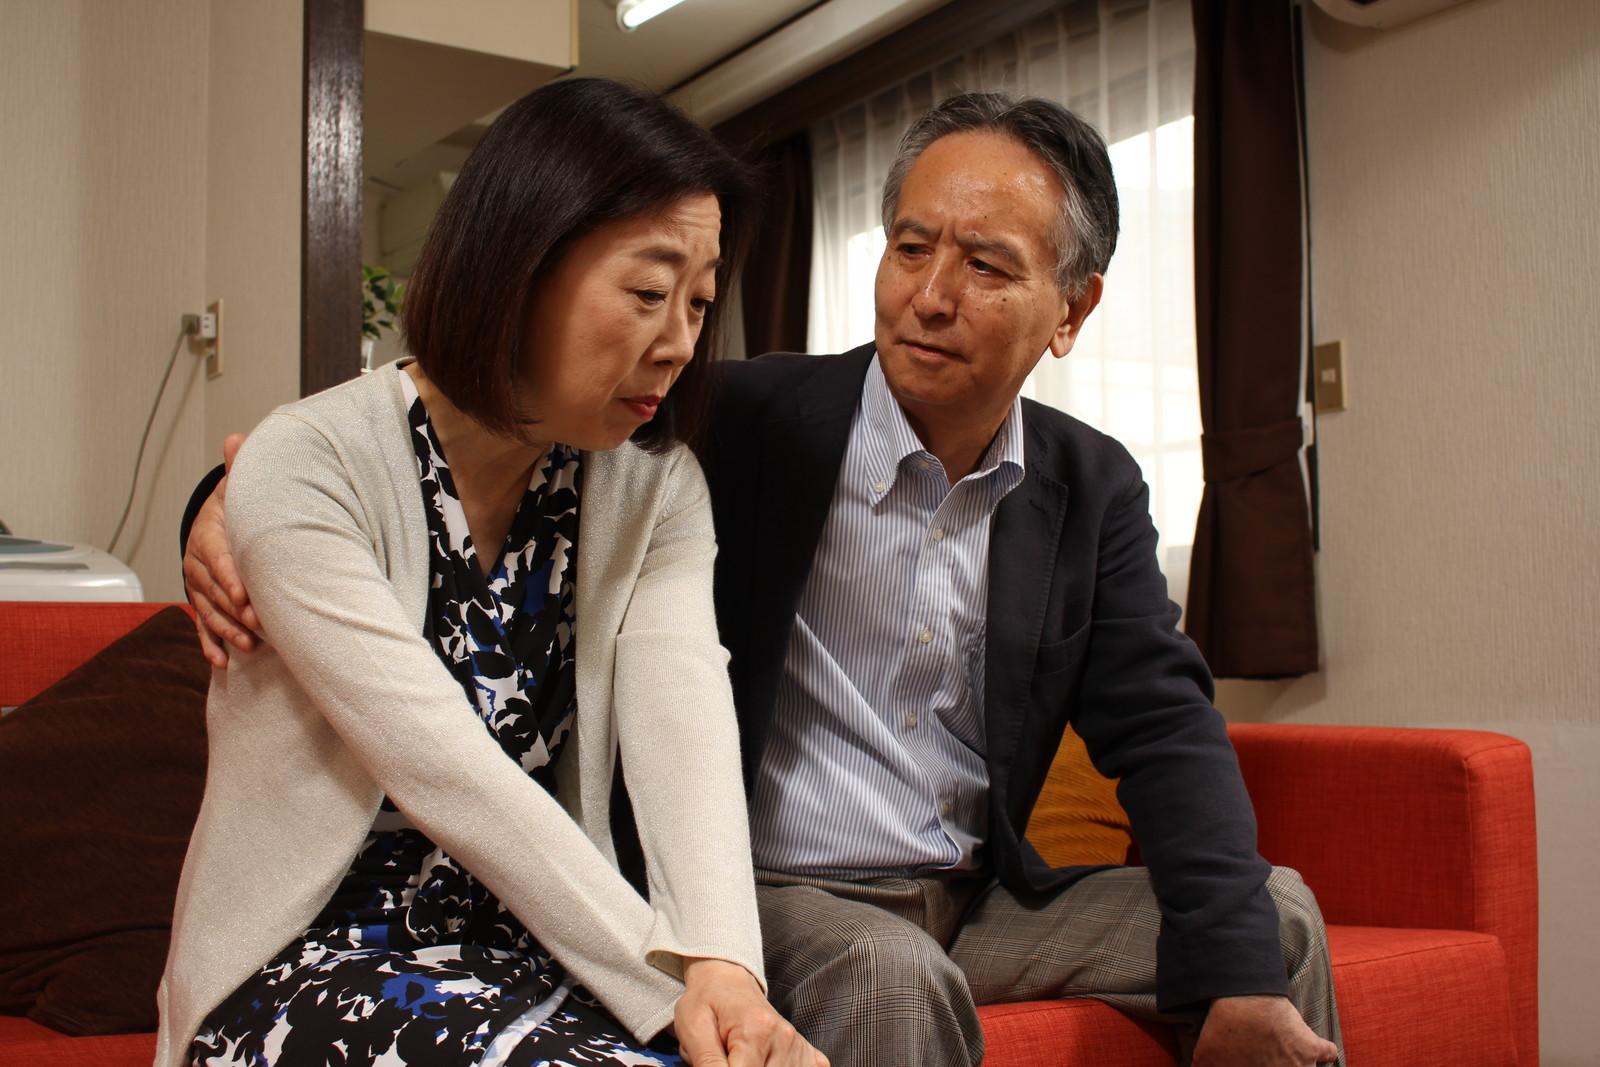 「なんであなたと結婚なんてしたのかしら・・・」おじさんガーン(´゚д゚`)